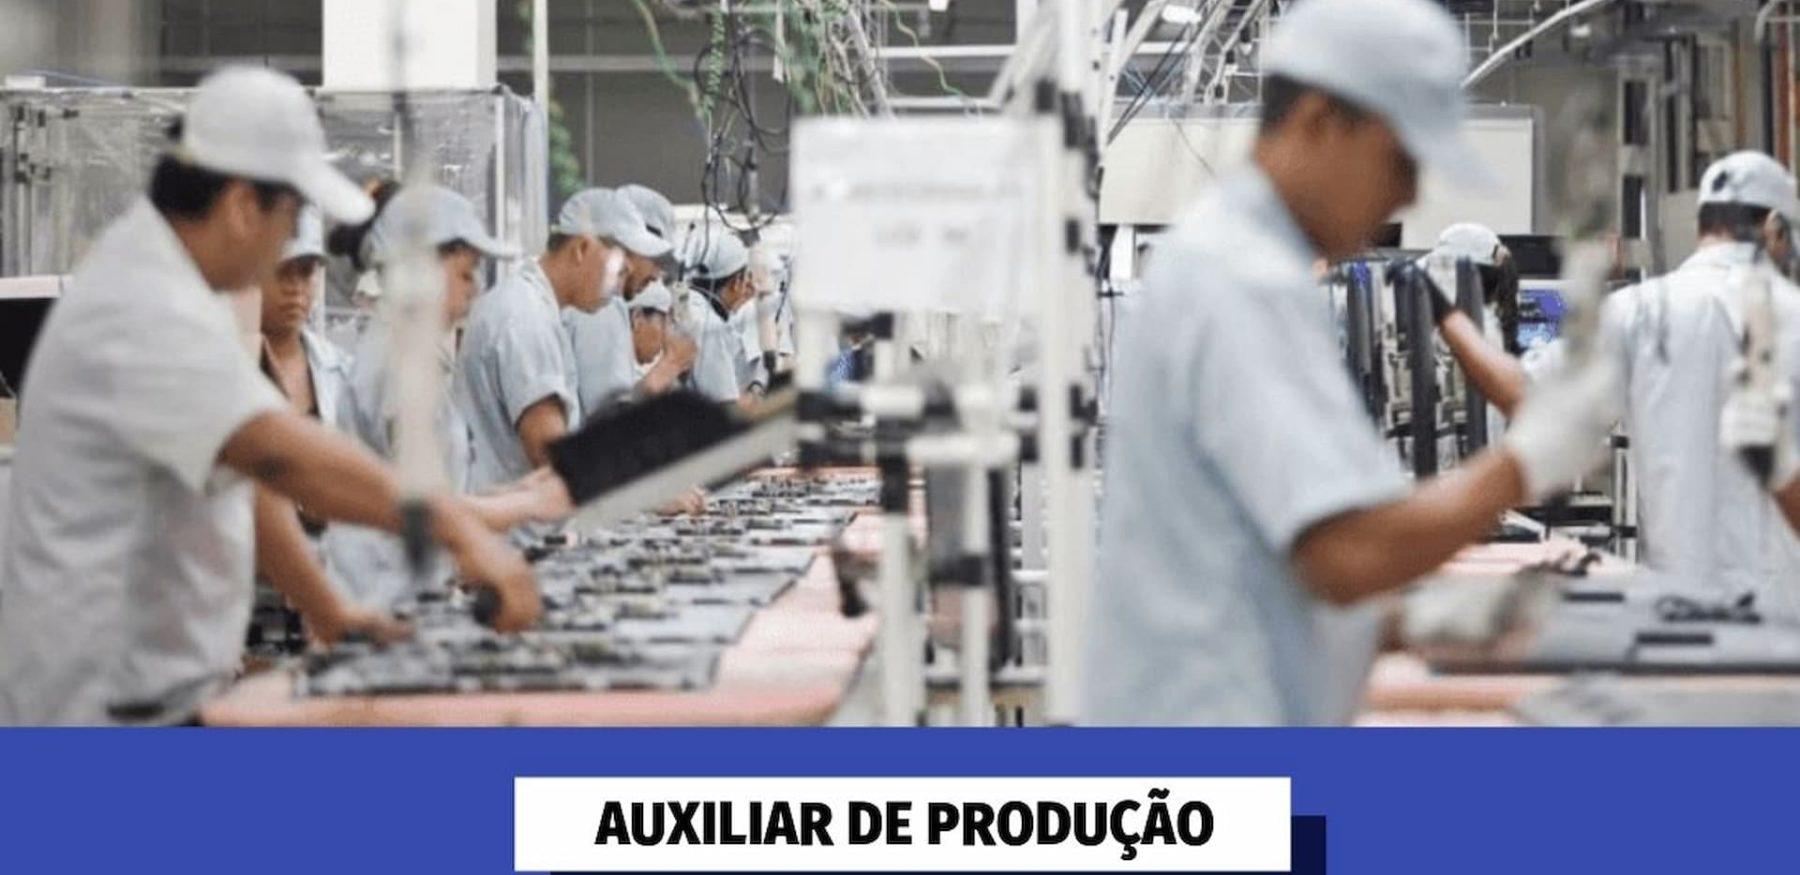 auxiliar de producao vagas em manaus 1800x875 - Indústria Gráfica está com oportunidades para Auxiliar de Produção